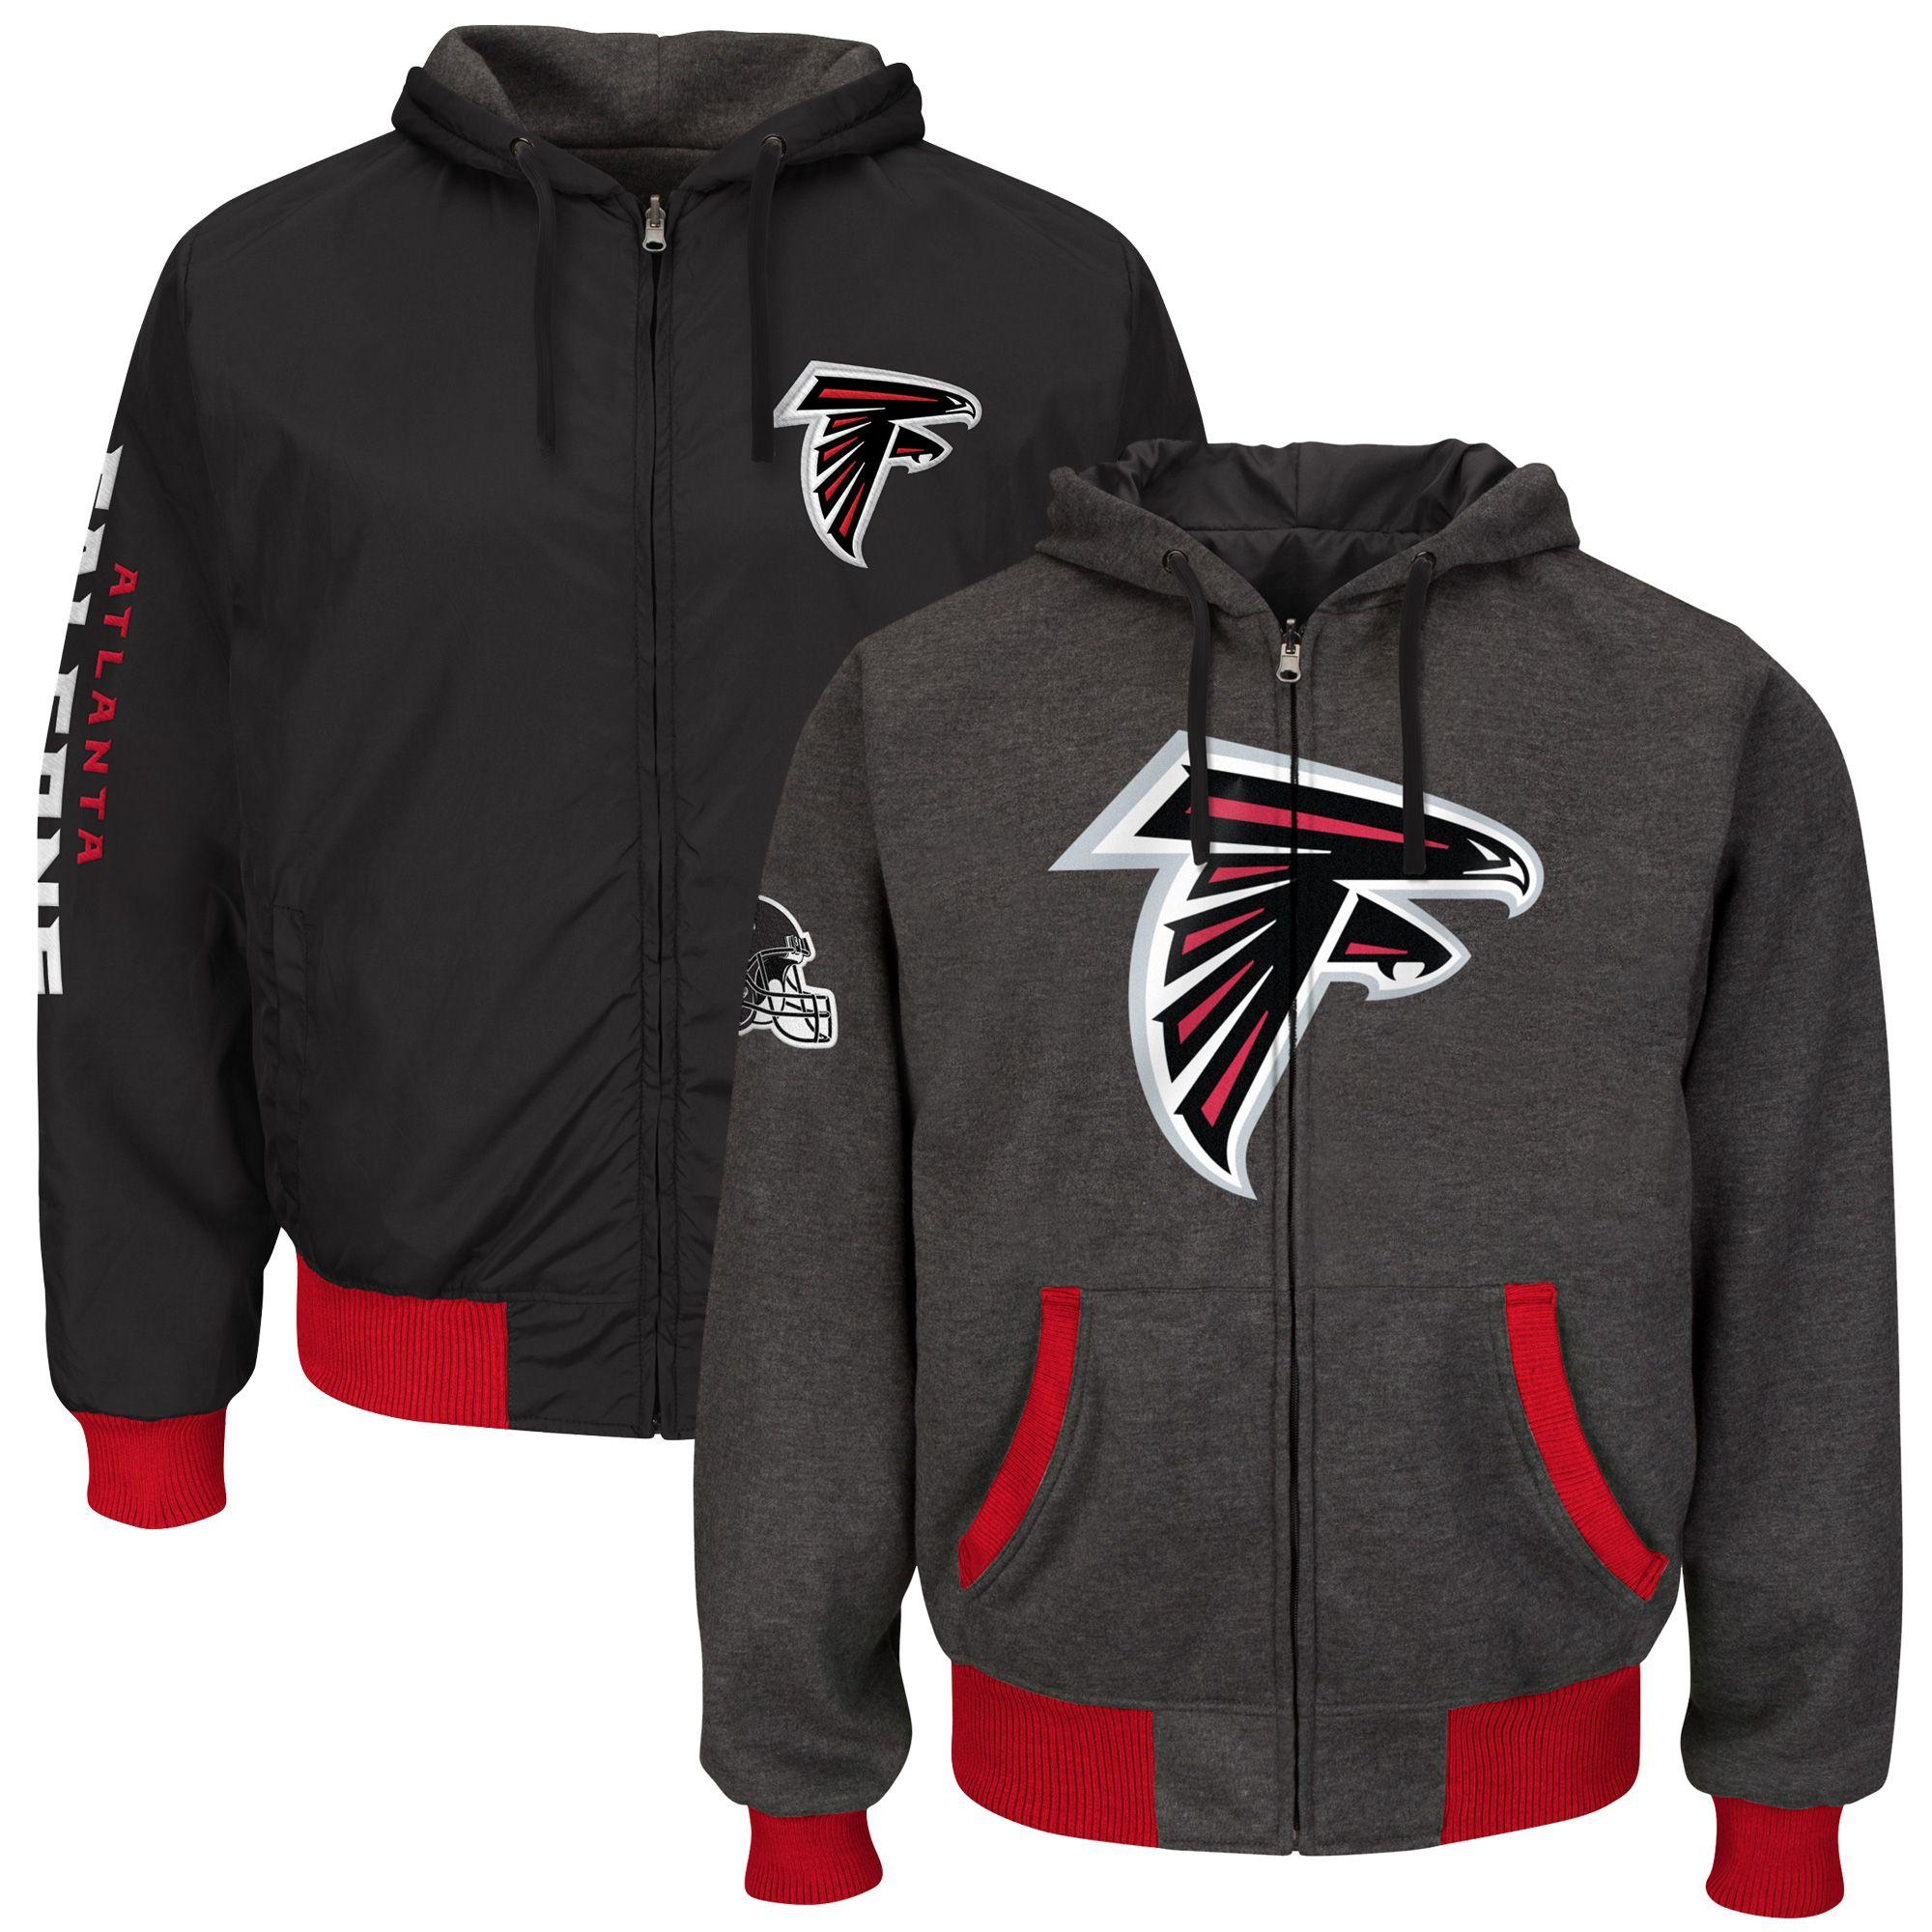 Nfl Atlanta Falcons Strike Reversible Full Zip Hoodie Heathered Gray Hoodies New York Jets Jacksonville Jaguars